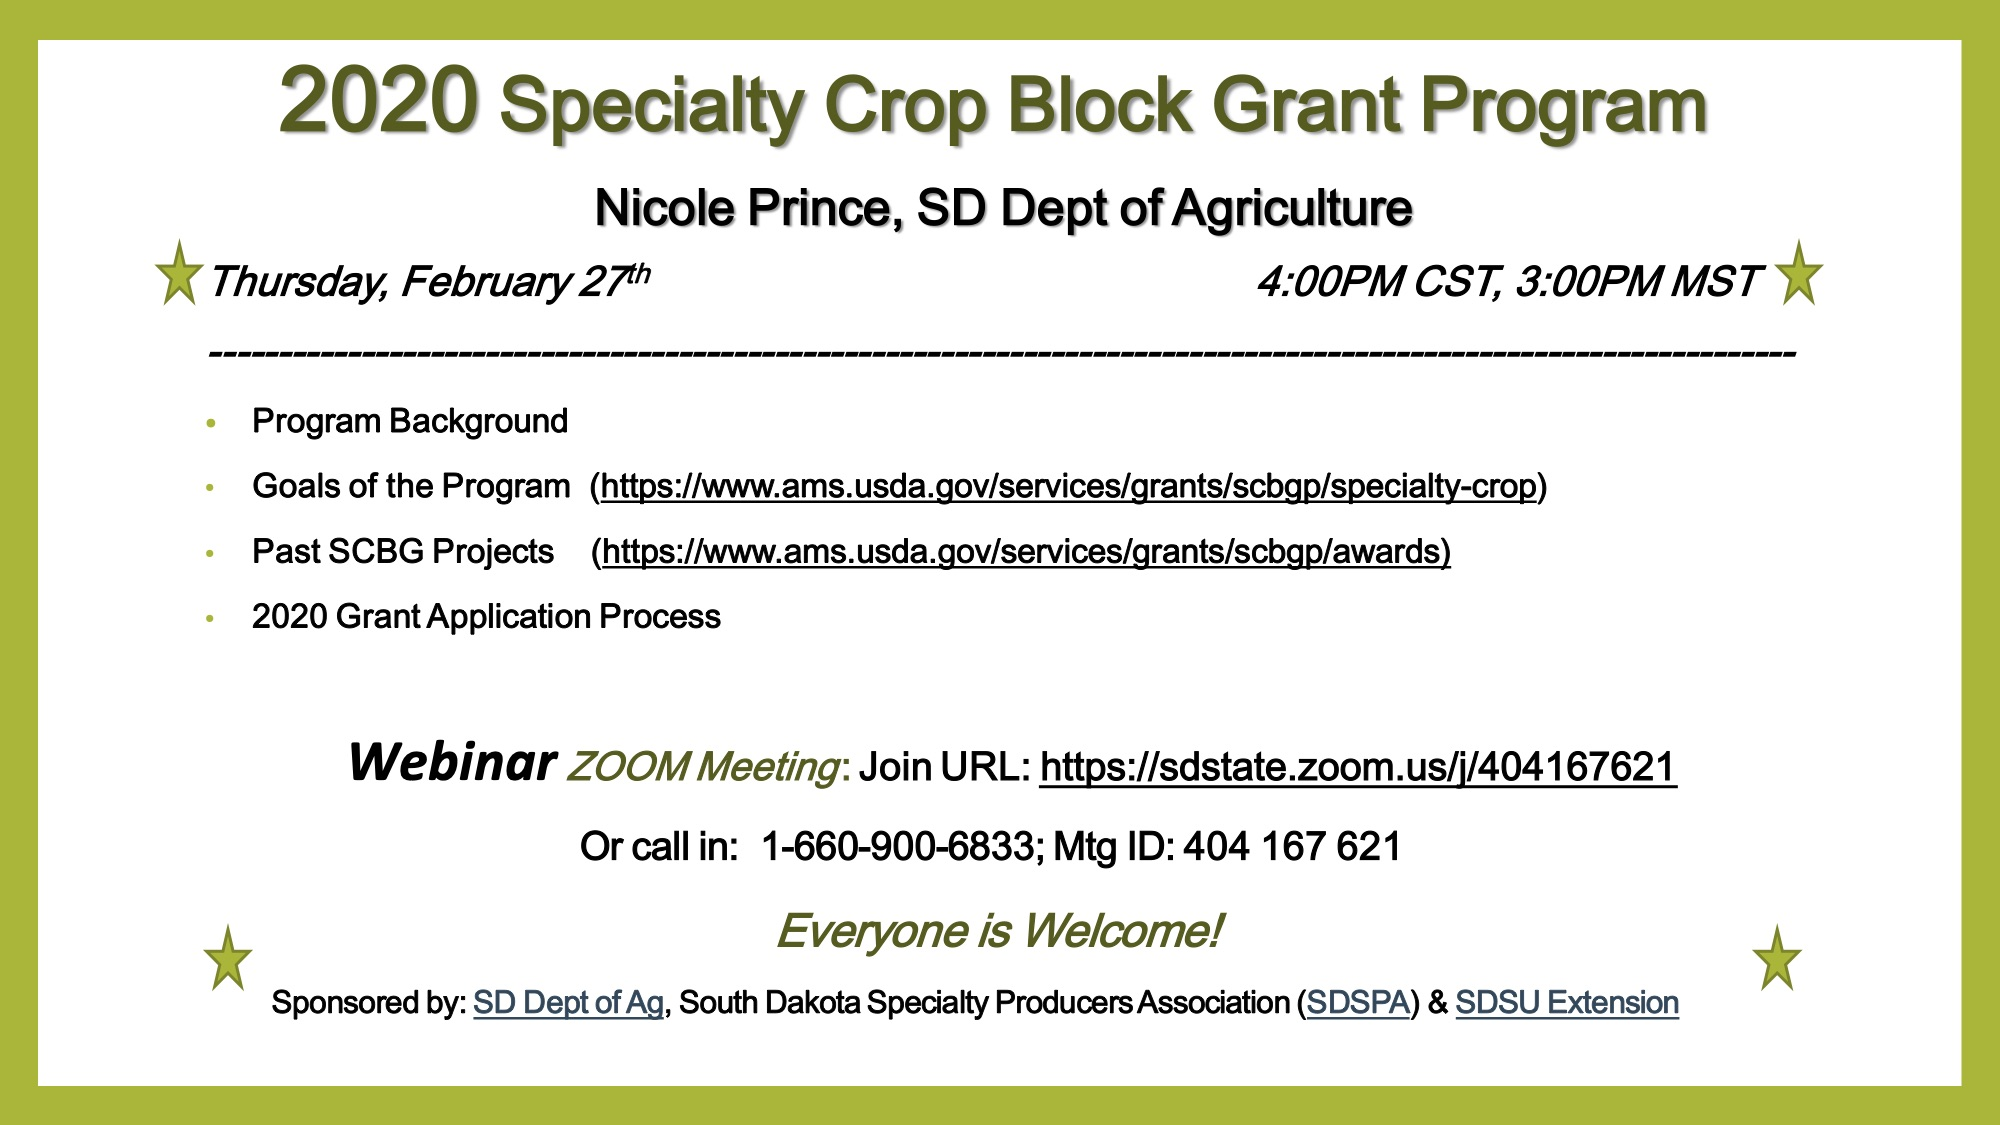 2020 Specialty Crop Block Grant Program Webinar